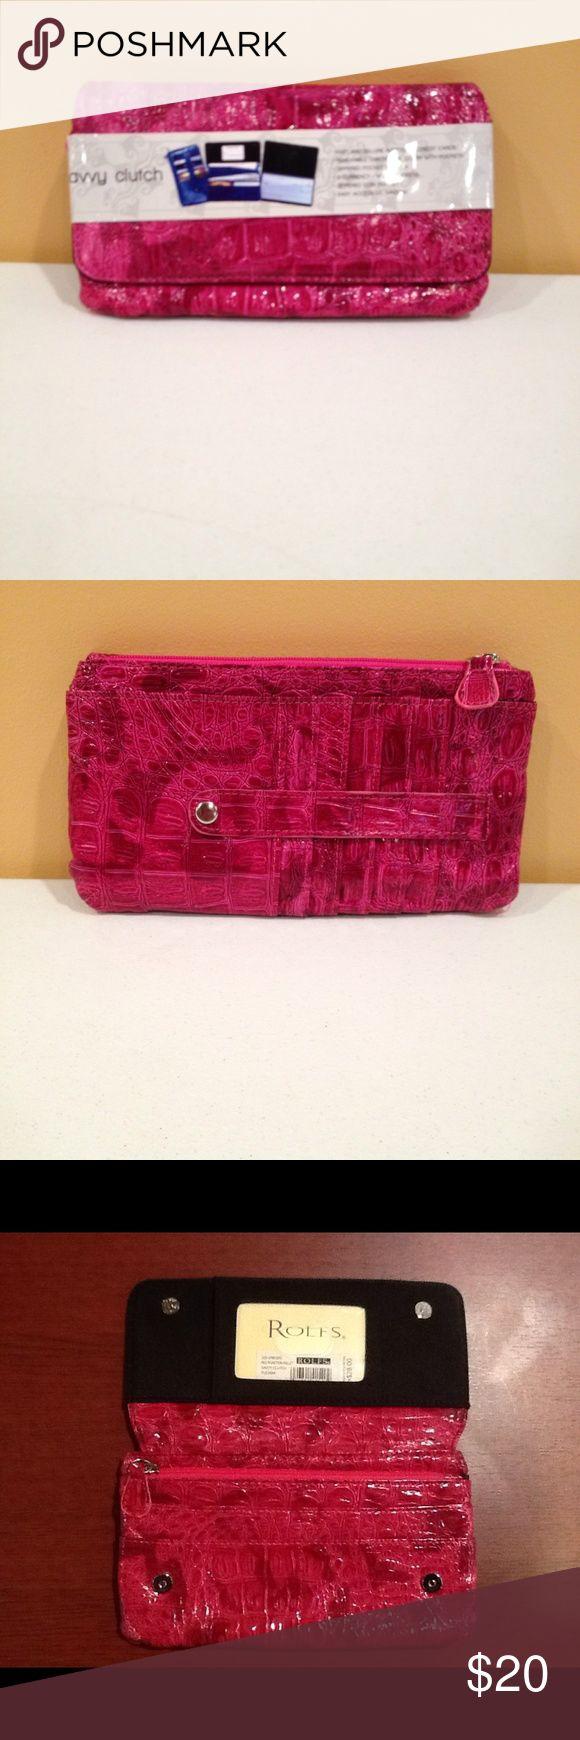 ROLF Wallet Wallet, Savy Clutch Bags Wallets